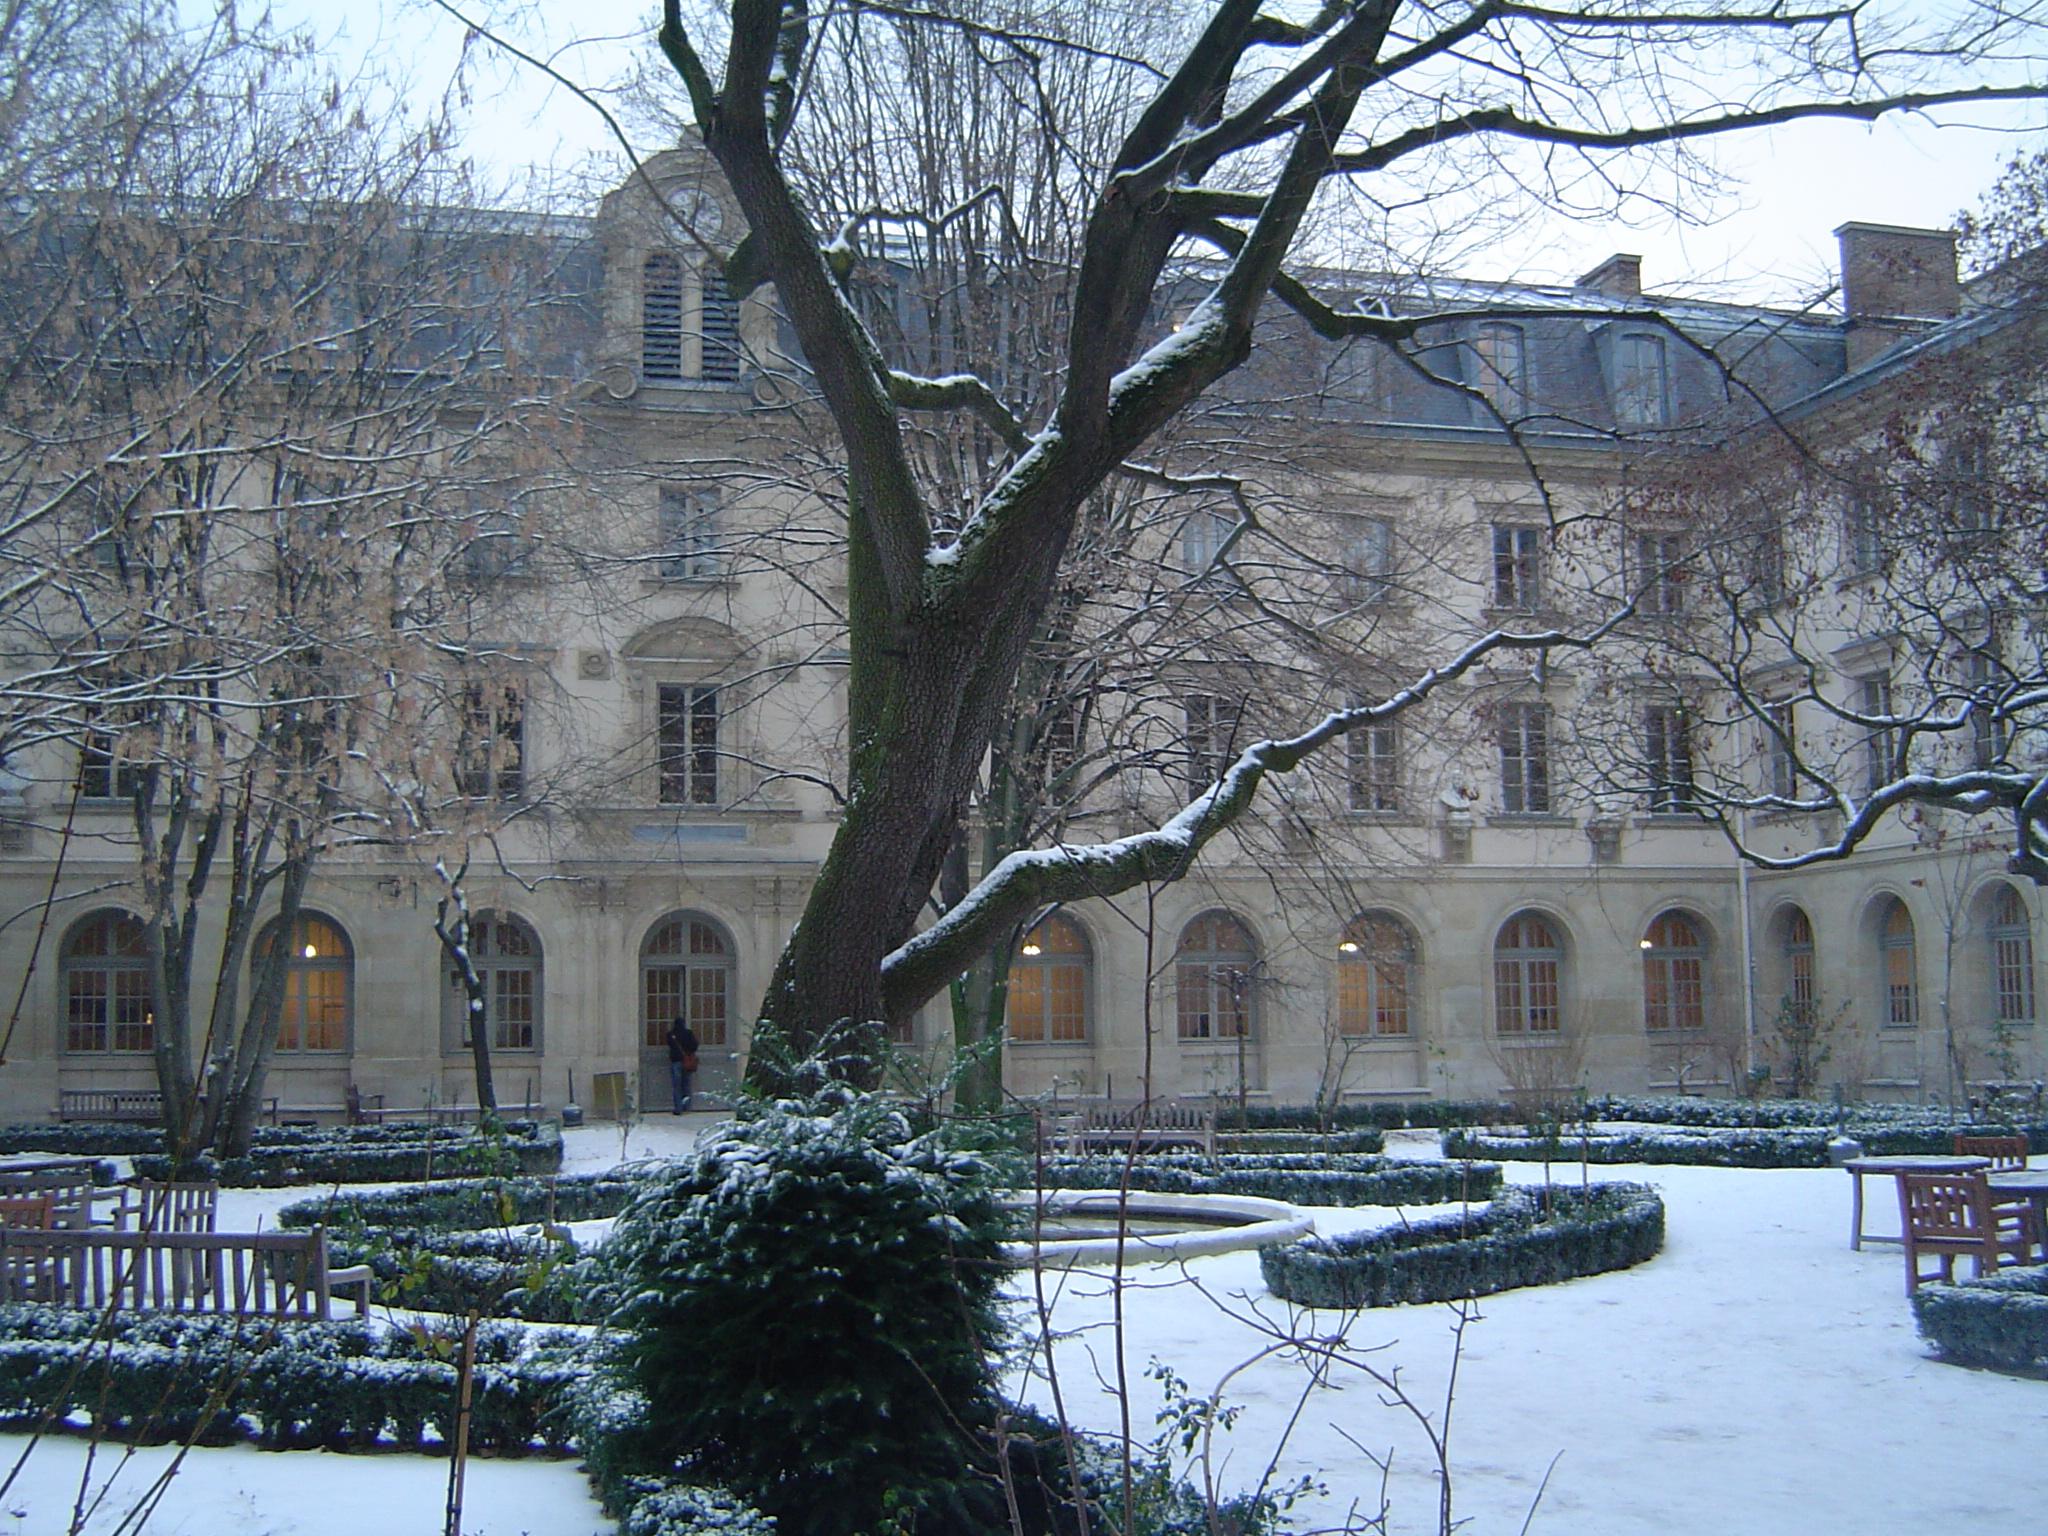 ENS (Paris) - Vía wikimedia.org